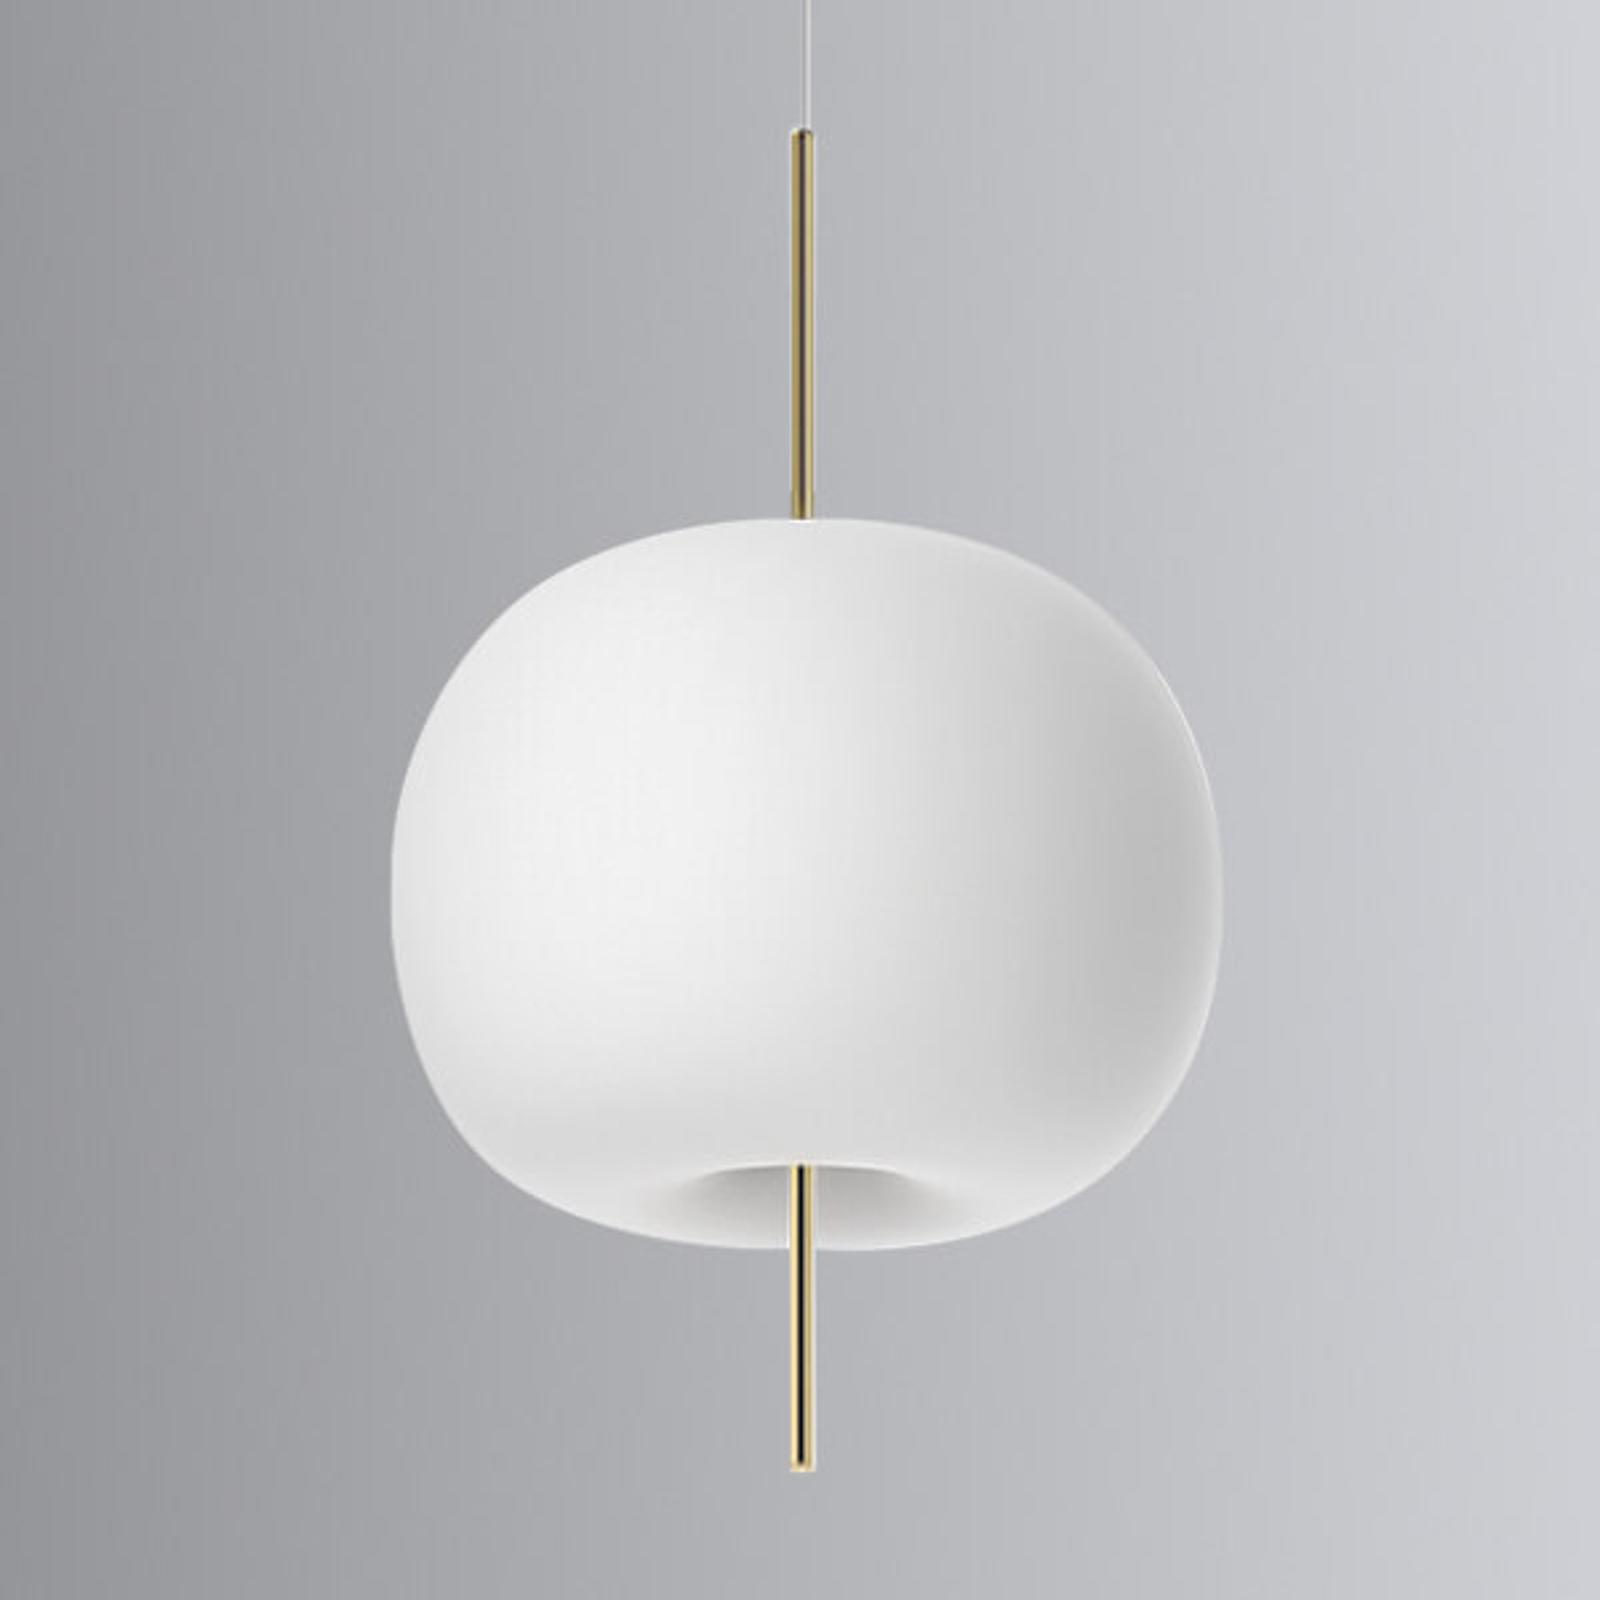 Szklana designerska lampa wisząca LED Kushi, 33cm